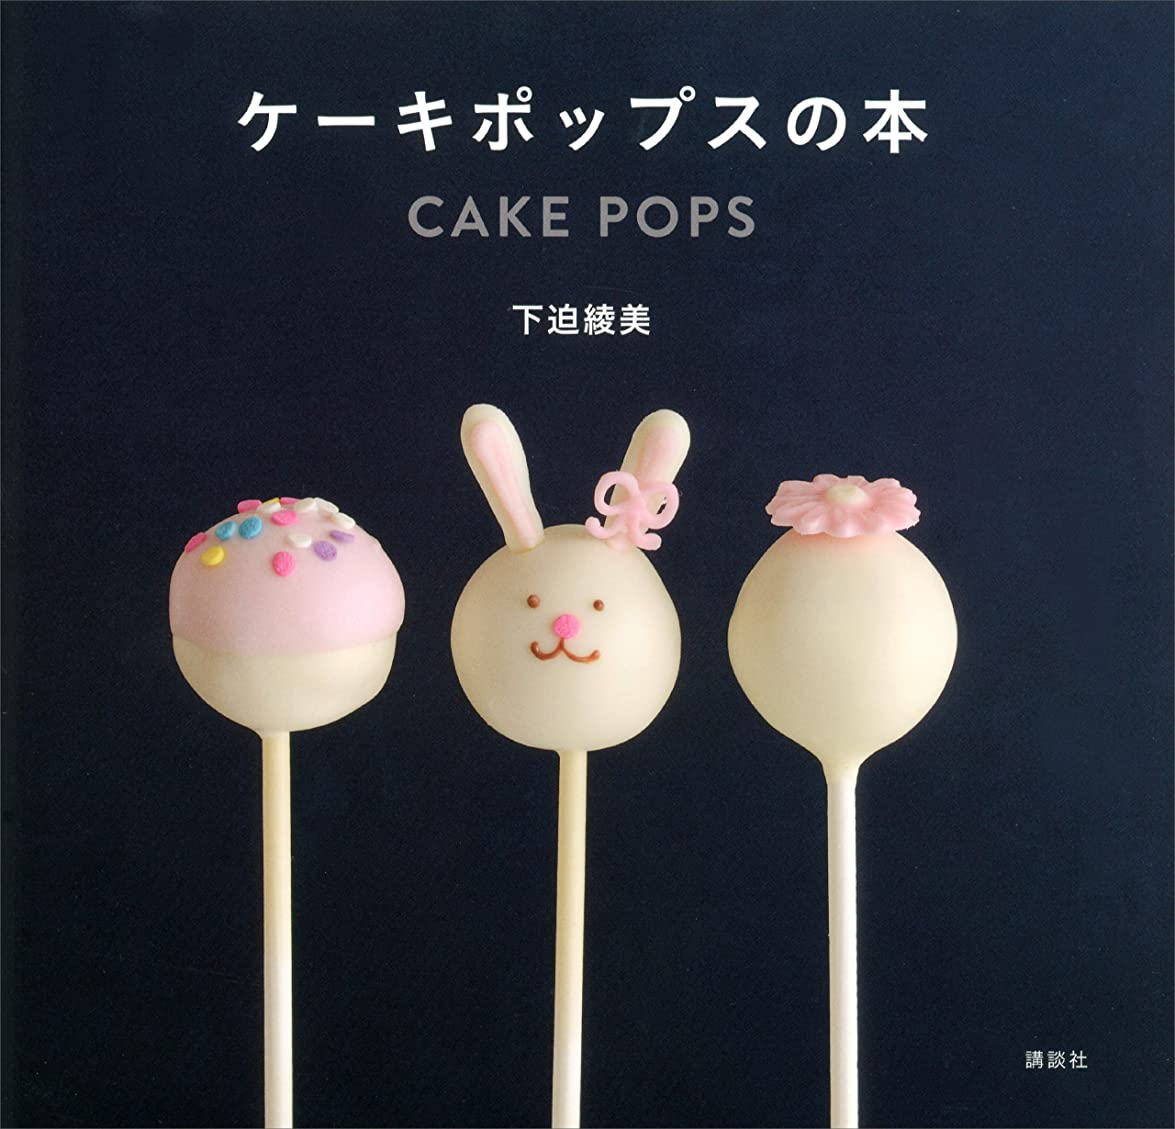 使用法ぶどう器官ケーキポップスの本 (講談社のお料理BOOK)